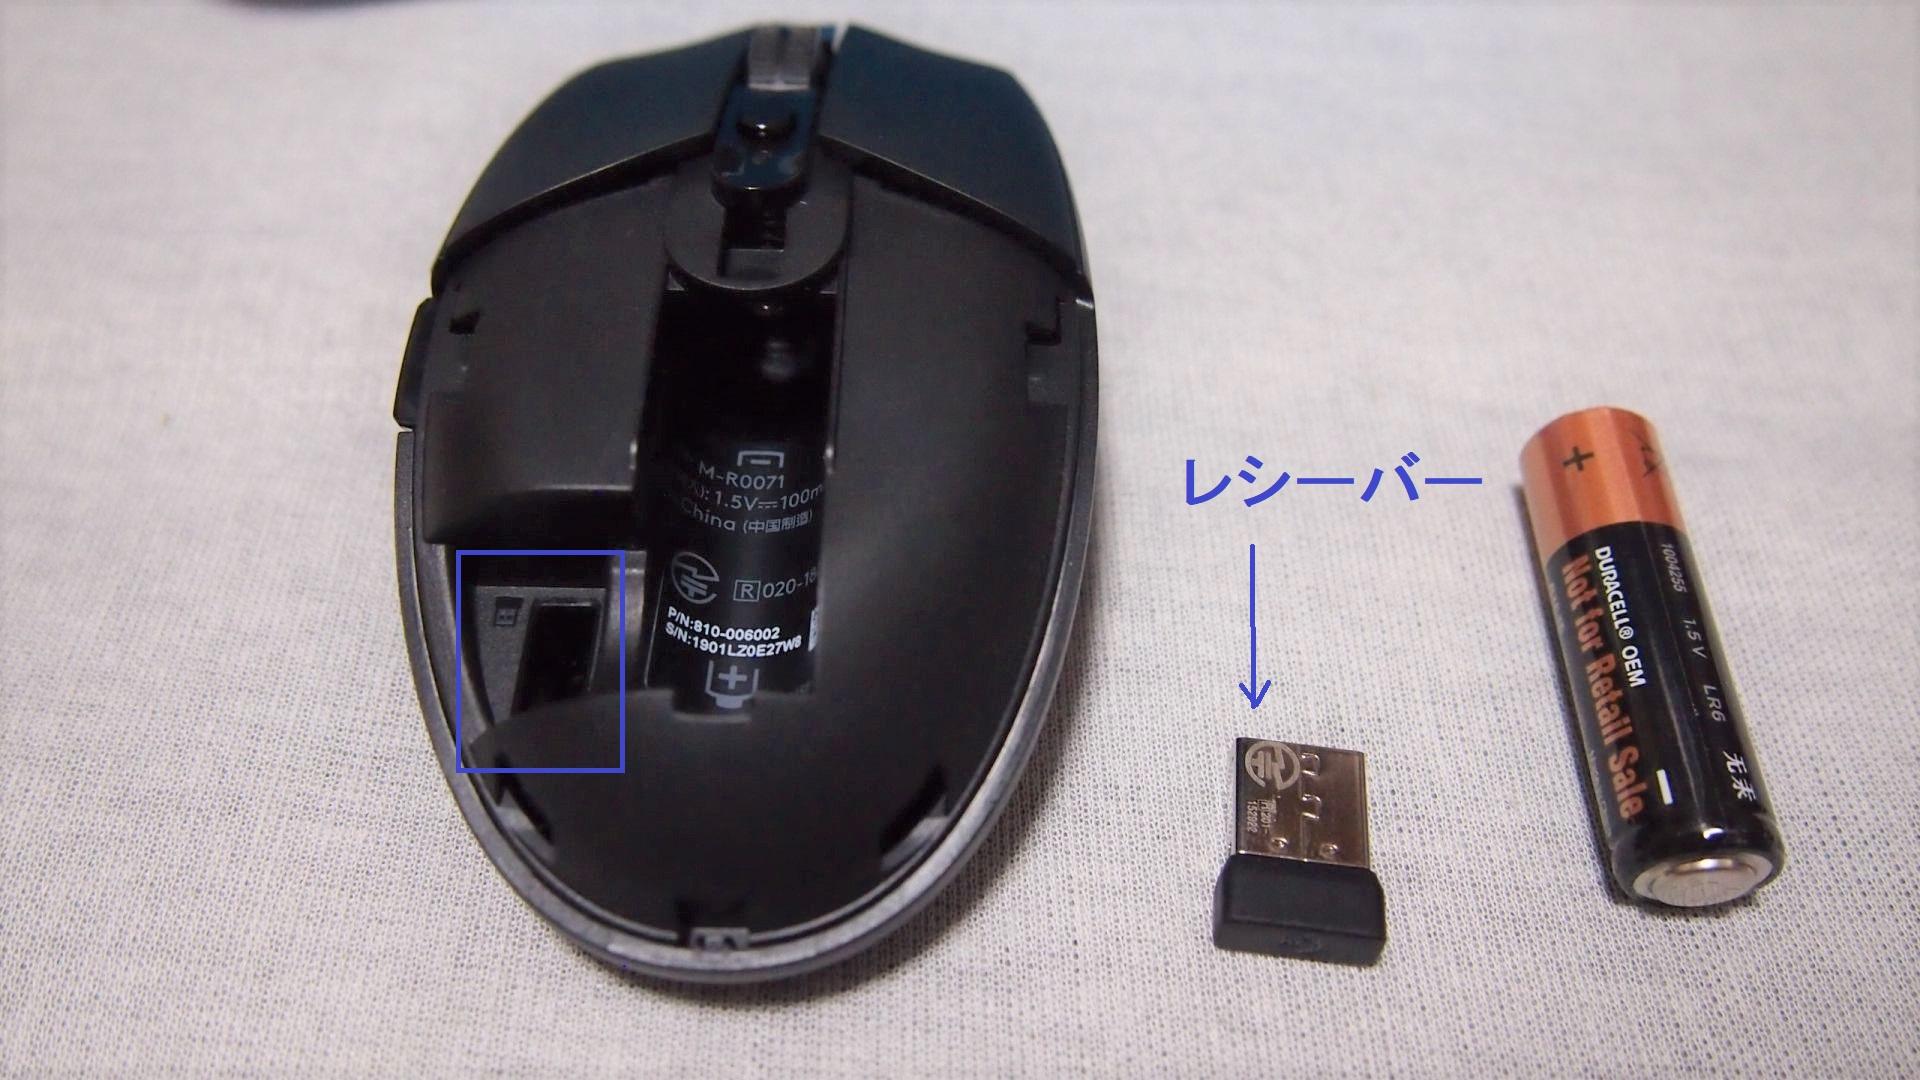 ロジクールG304マウス